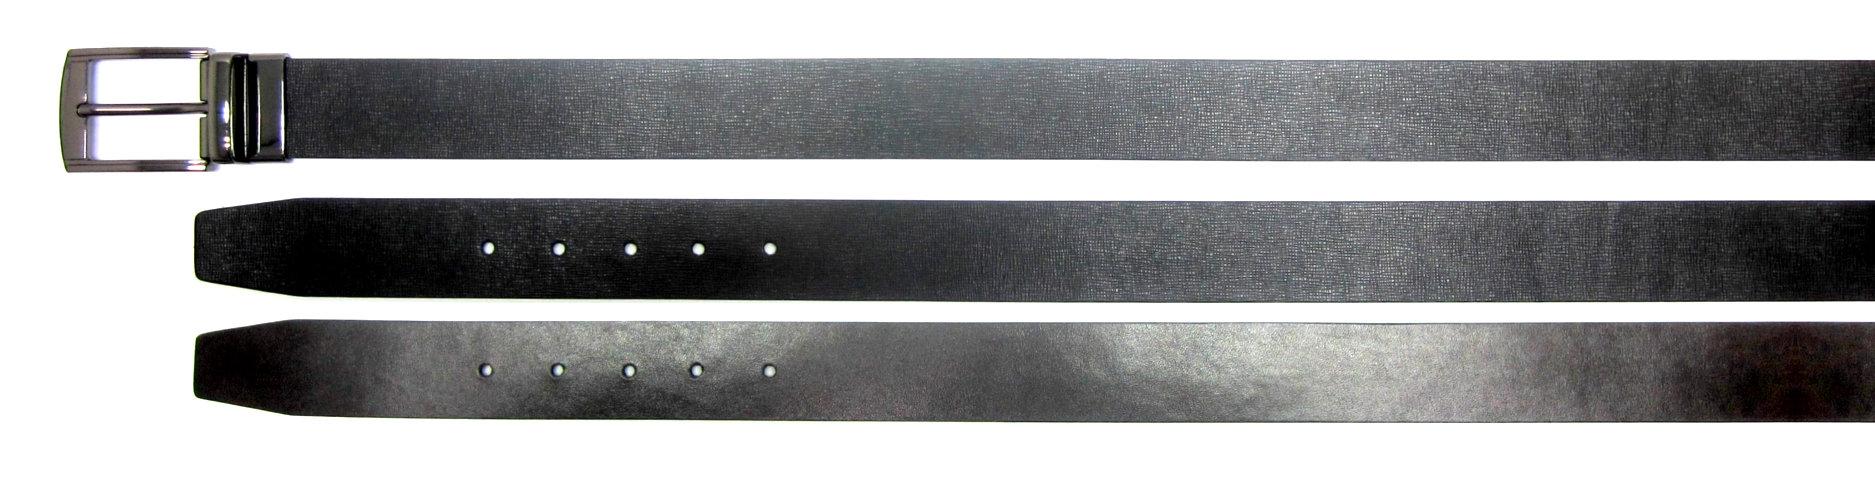 G-253A